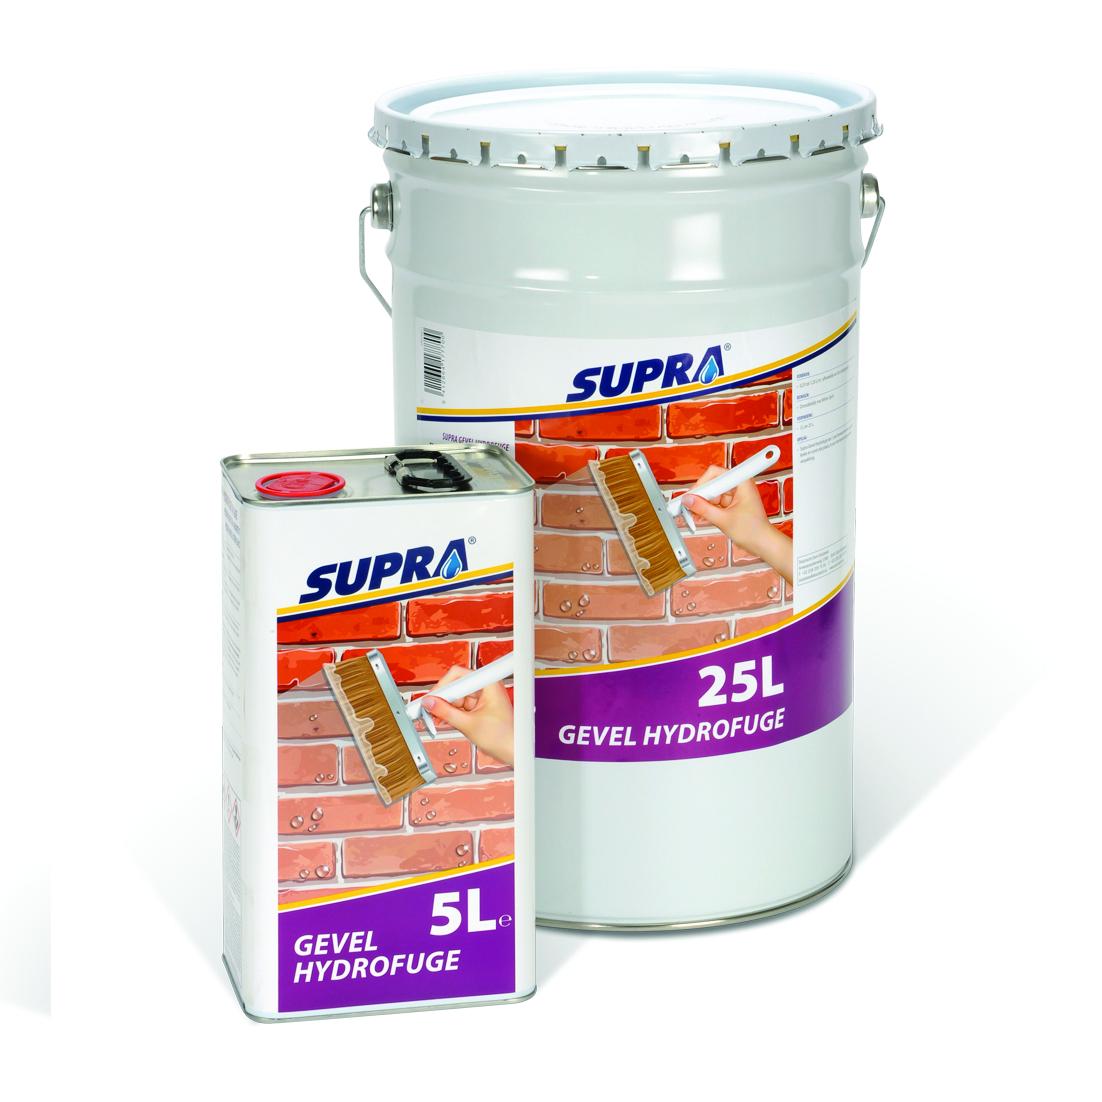 SUPRA Hydrofuge Façade : prix fou de €20 et €85